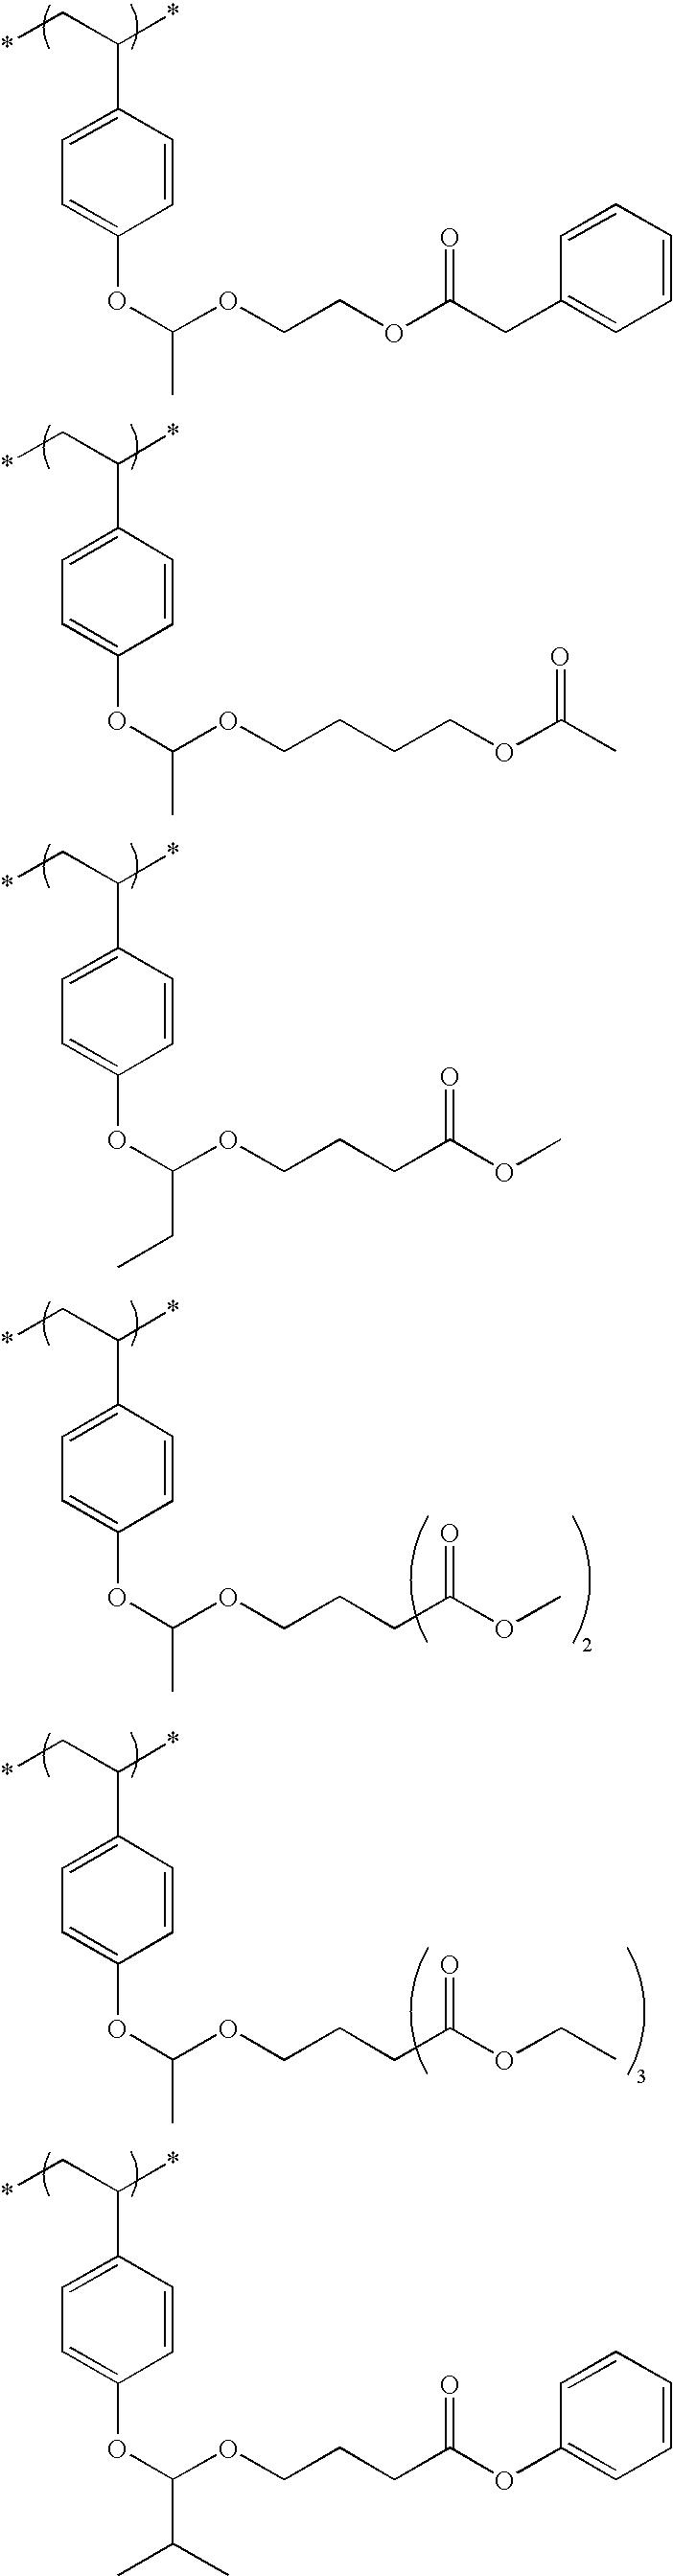 Figure US08852845-20141007-C00091